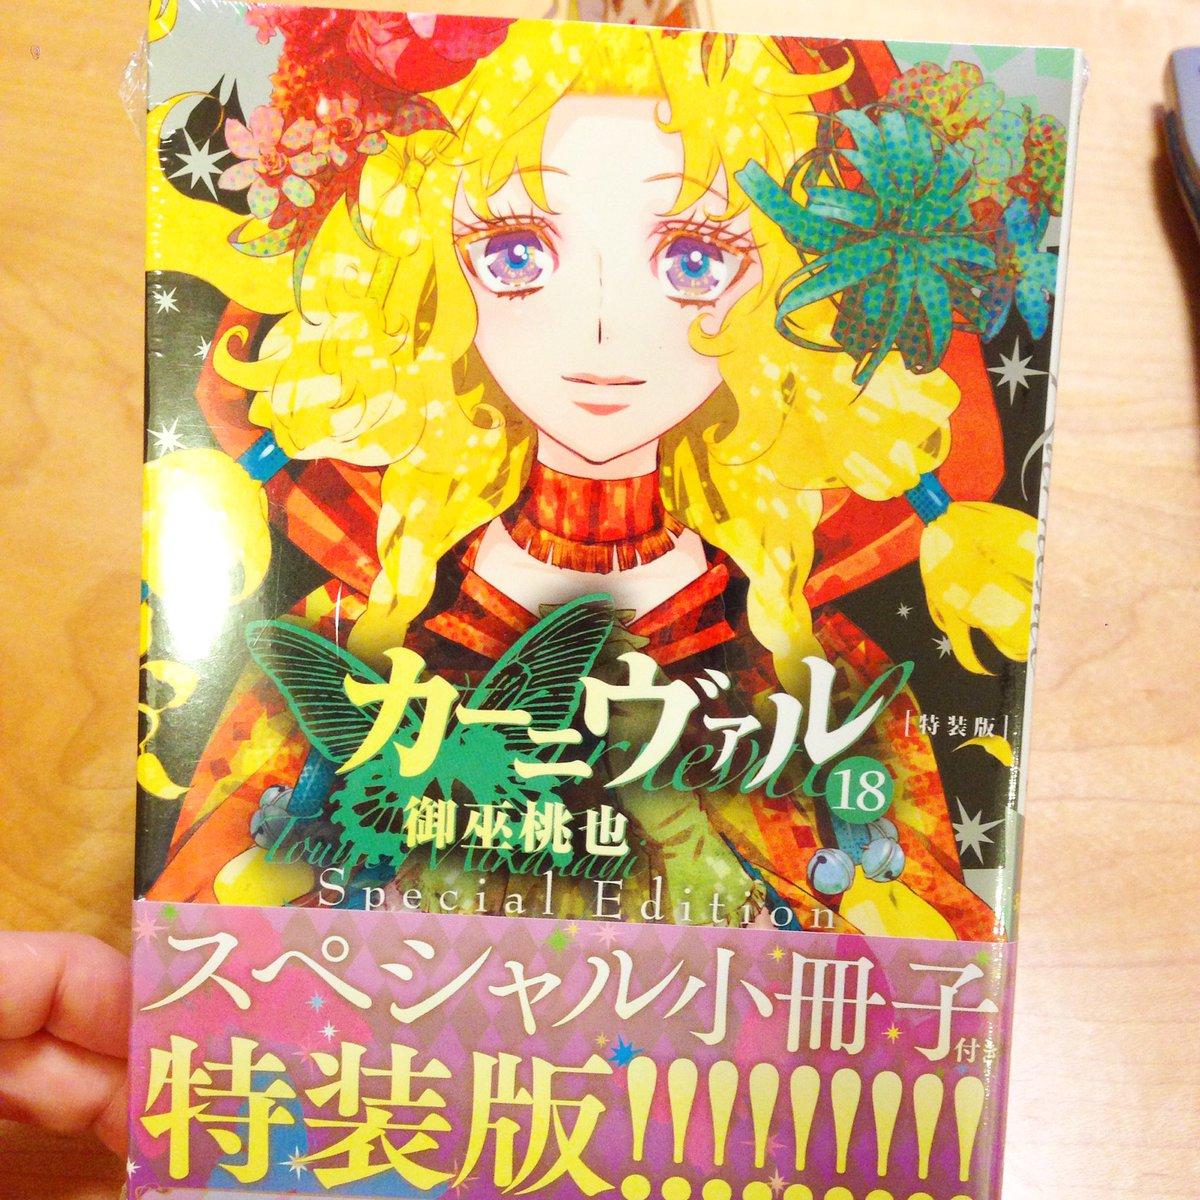 桃也さんのカーニヴァル新刊もらったーーありがとう!(*´∨`*) スペシャル小冊子付きよ